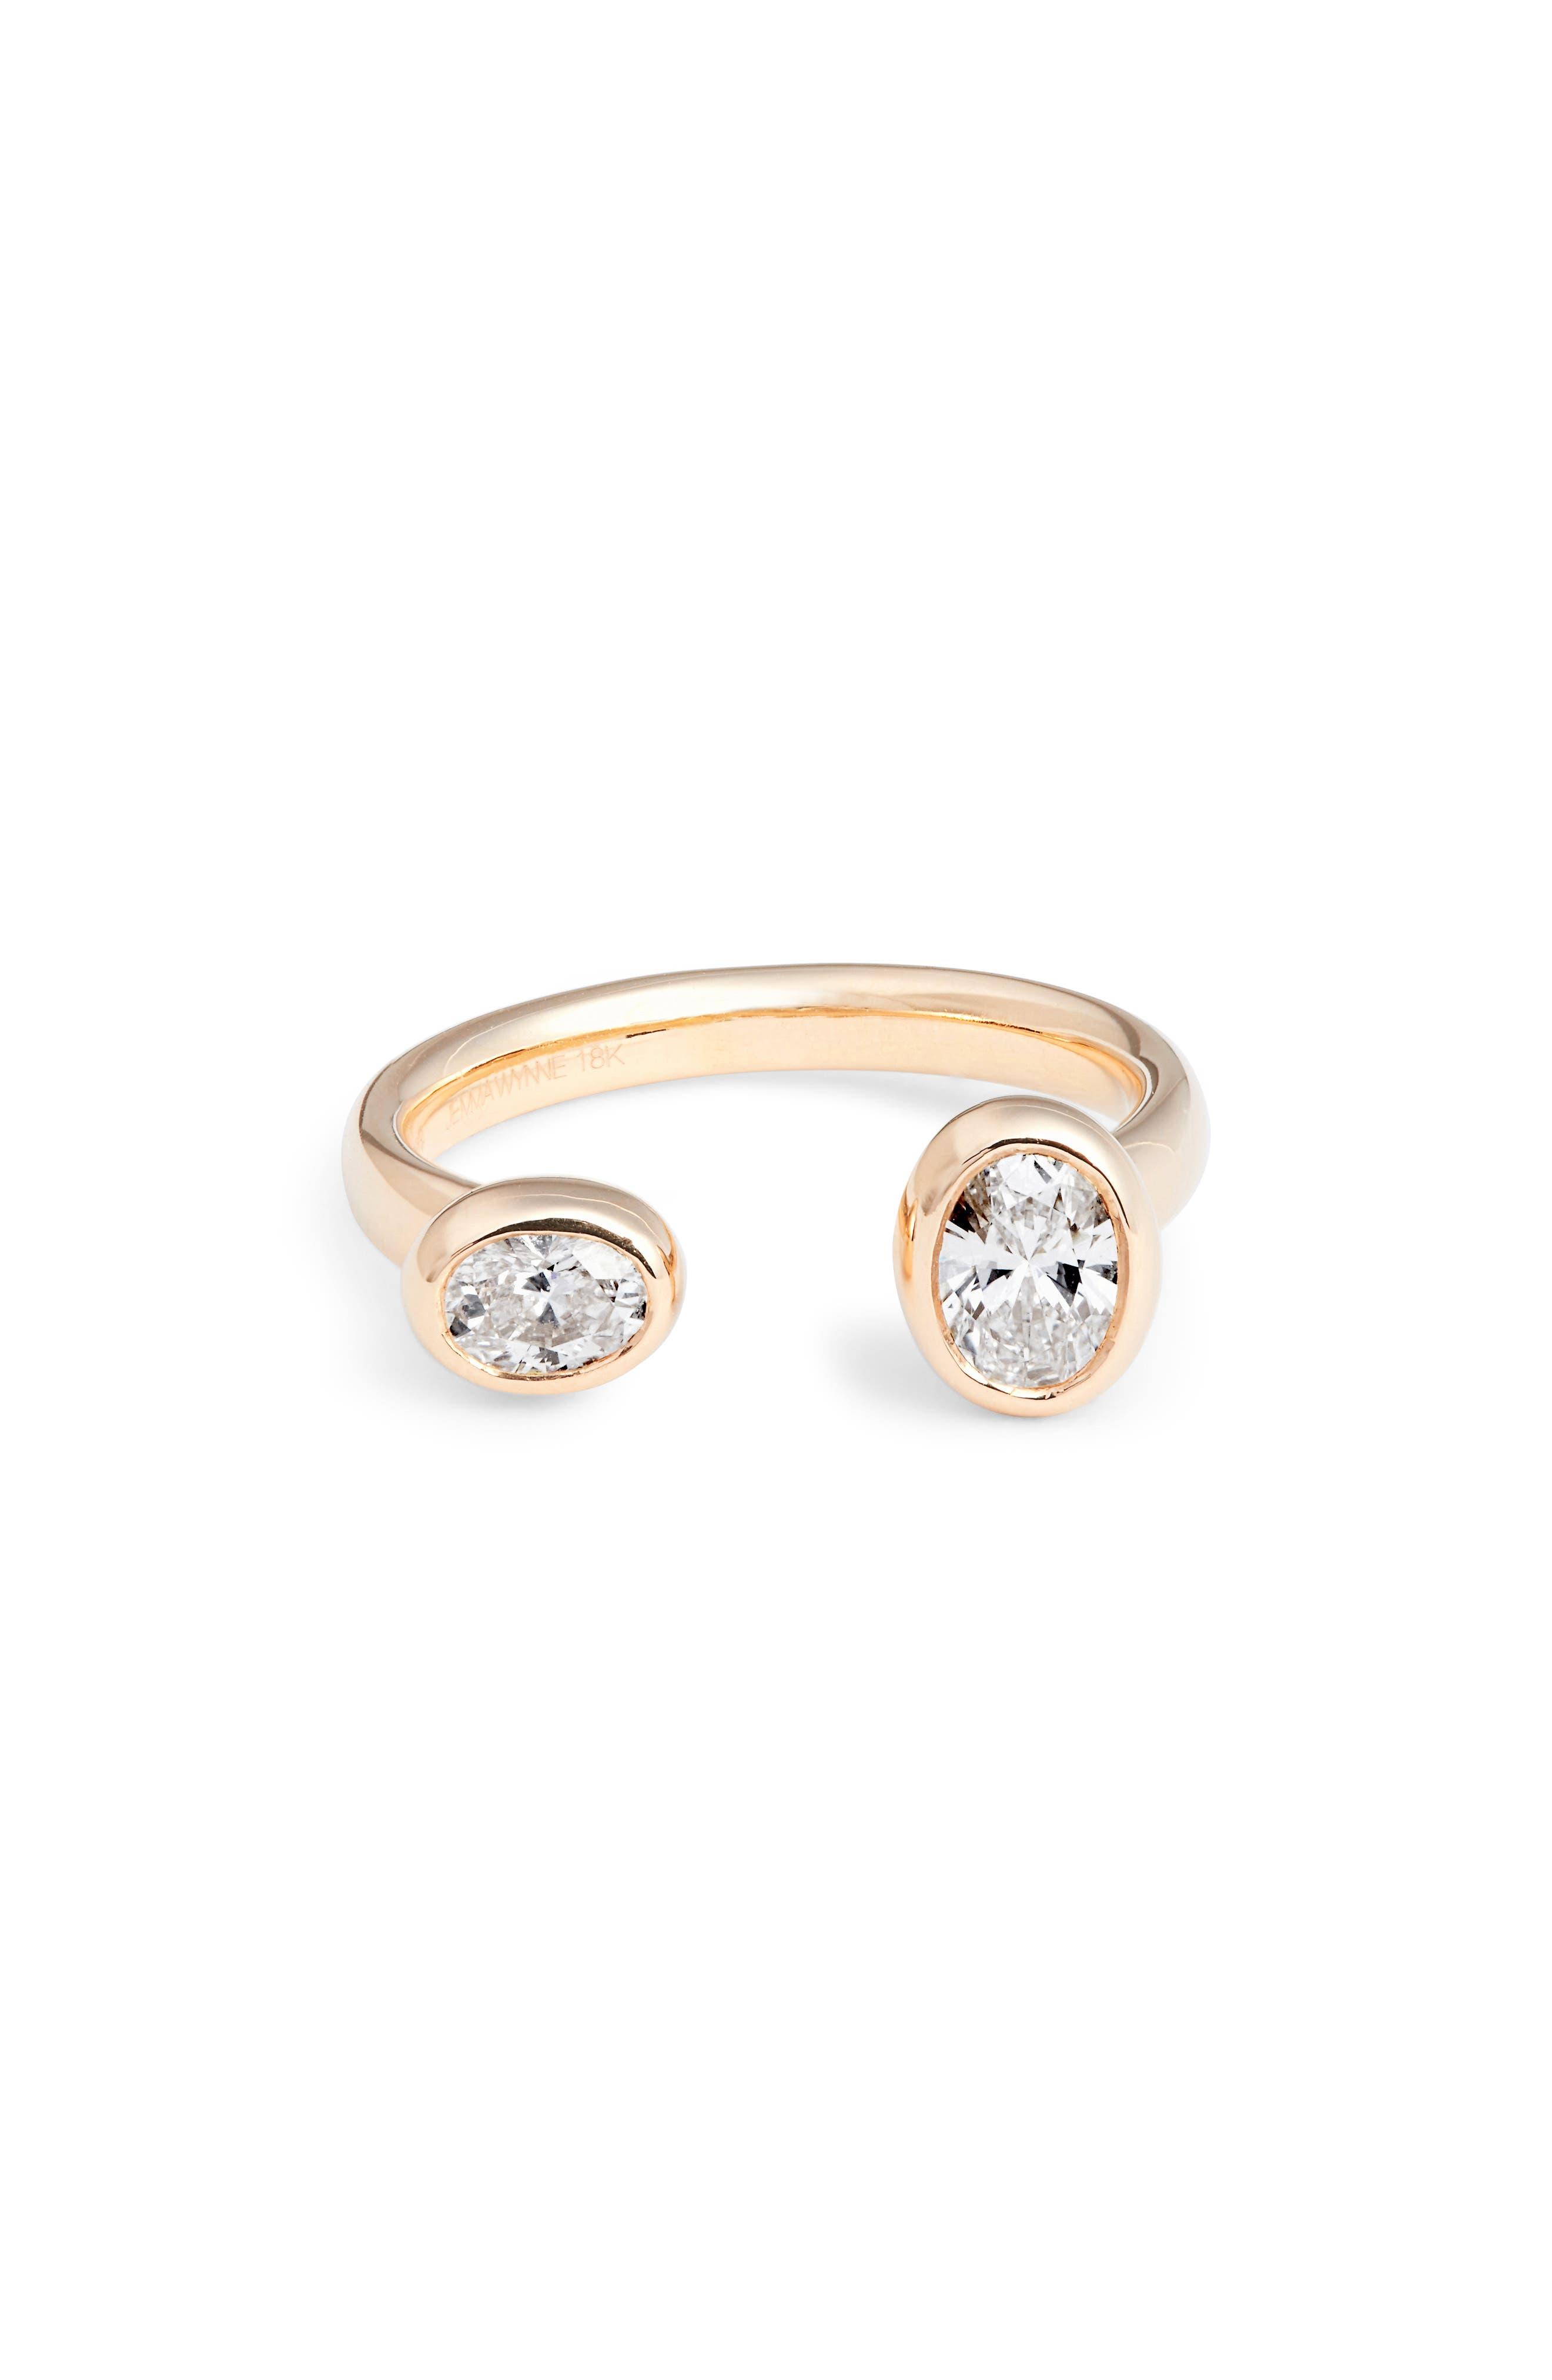 Prive Diamond Open Ring,                             Main thumbnail 1, color,                             710